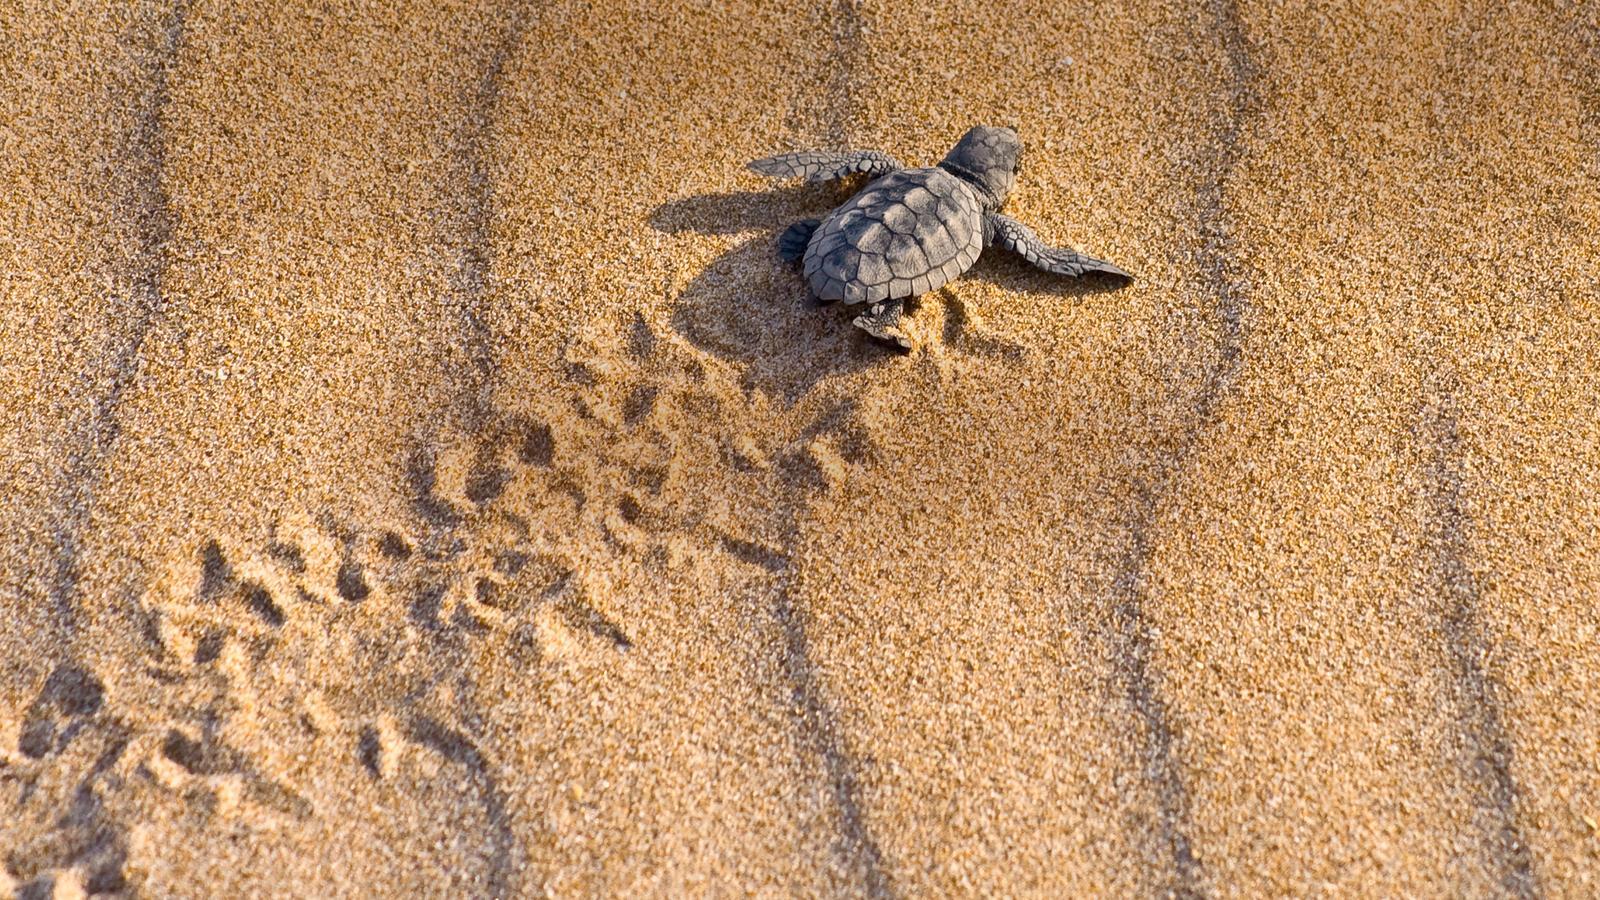 Schildkröte schlüpft am Strand in Tortuguero in Costa Rica.